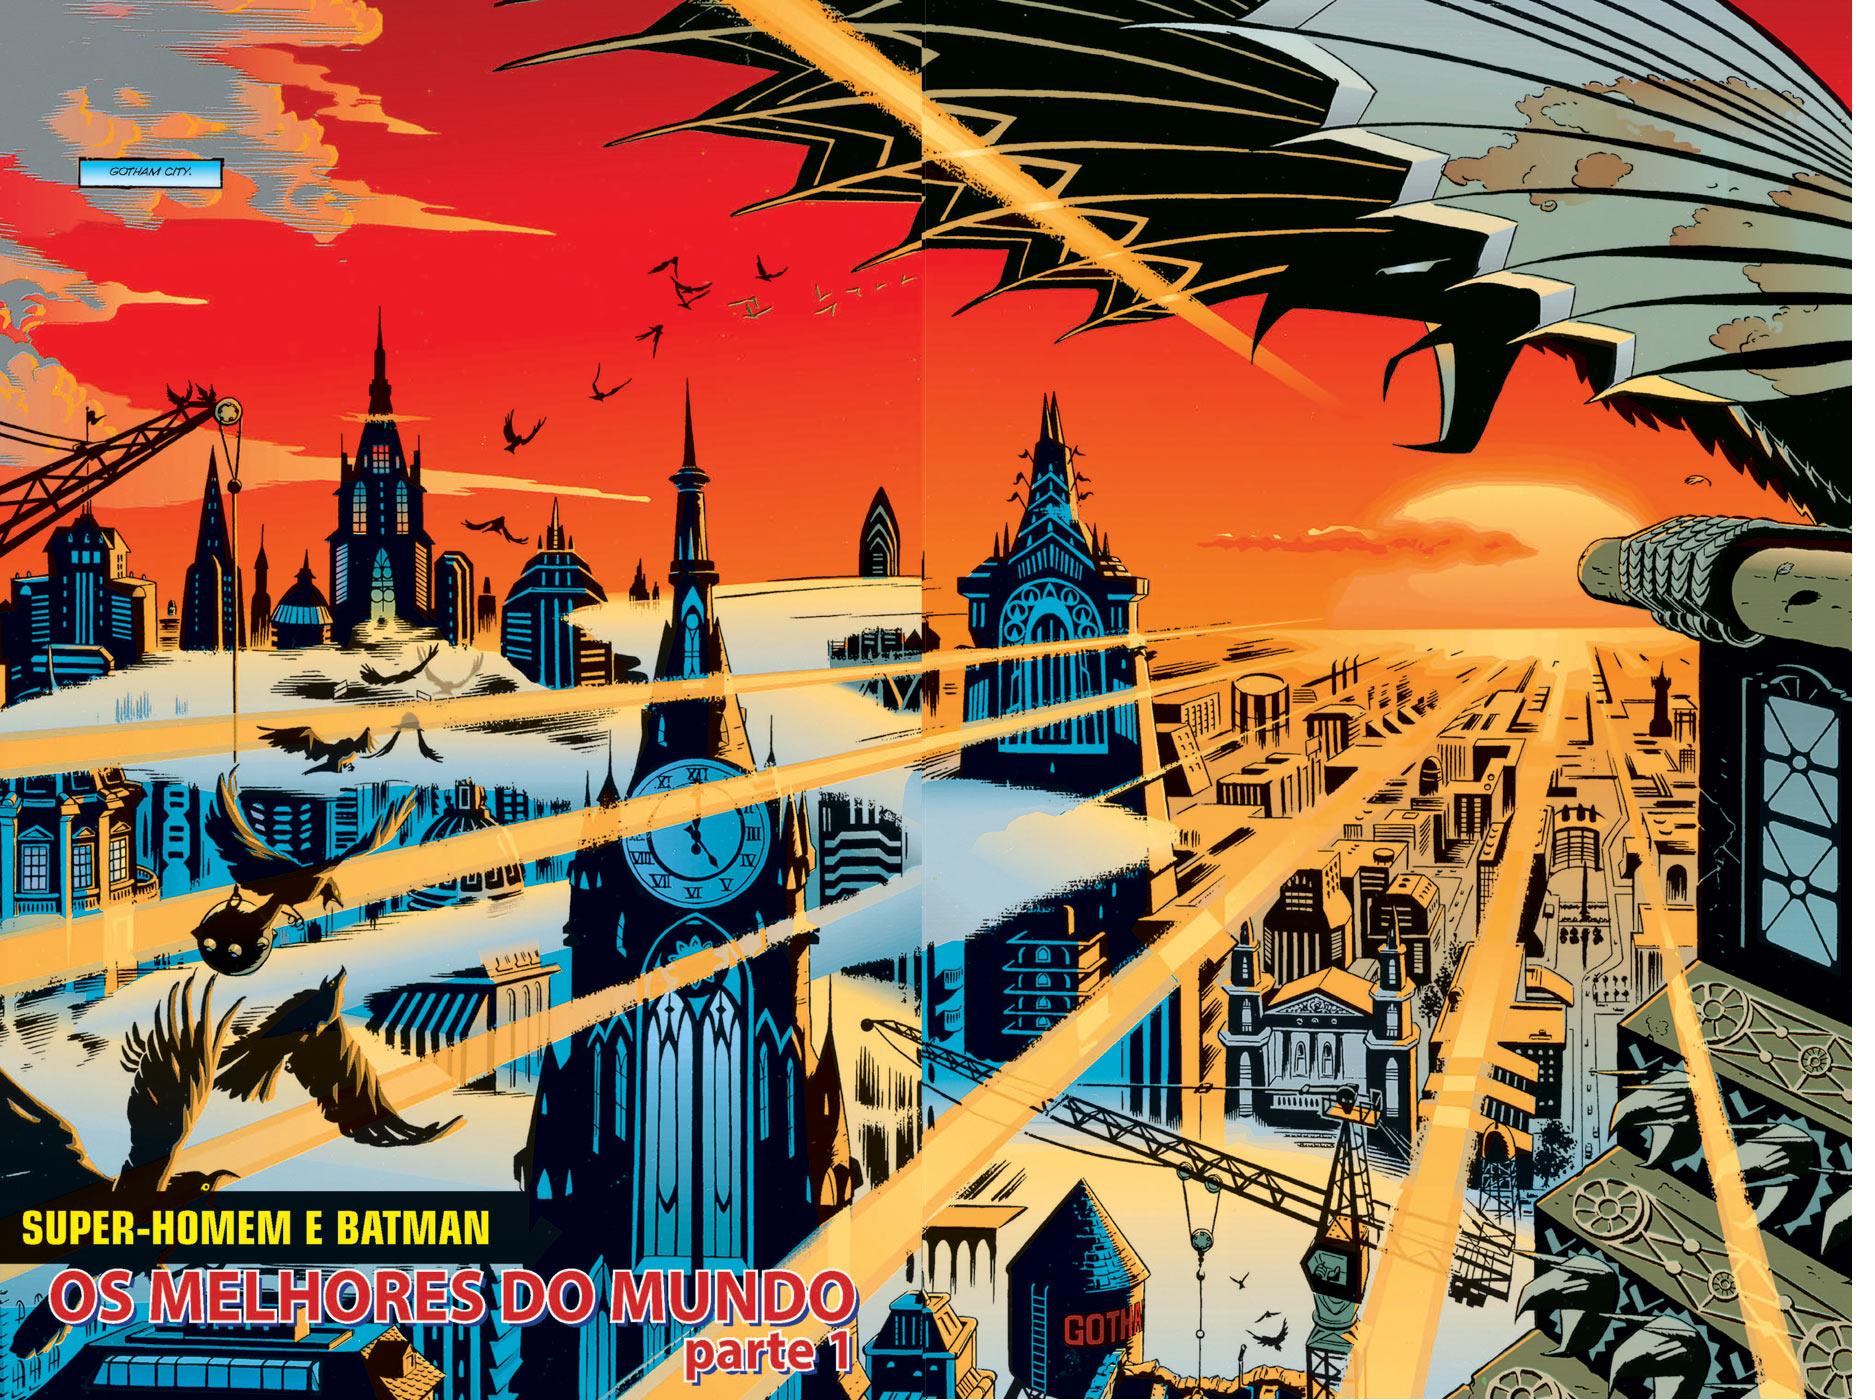 Super-Homem e Batman - Os Melhores do Mundo - Página 2 e 3